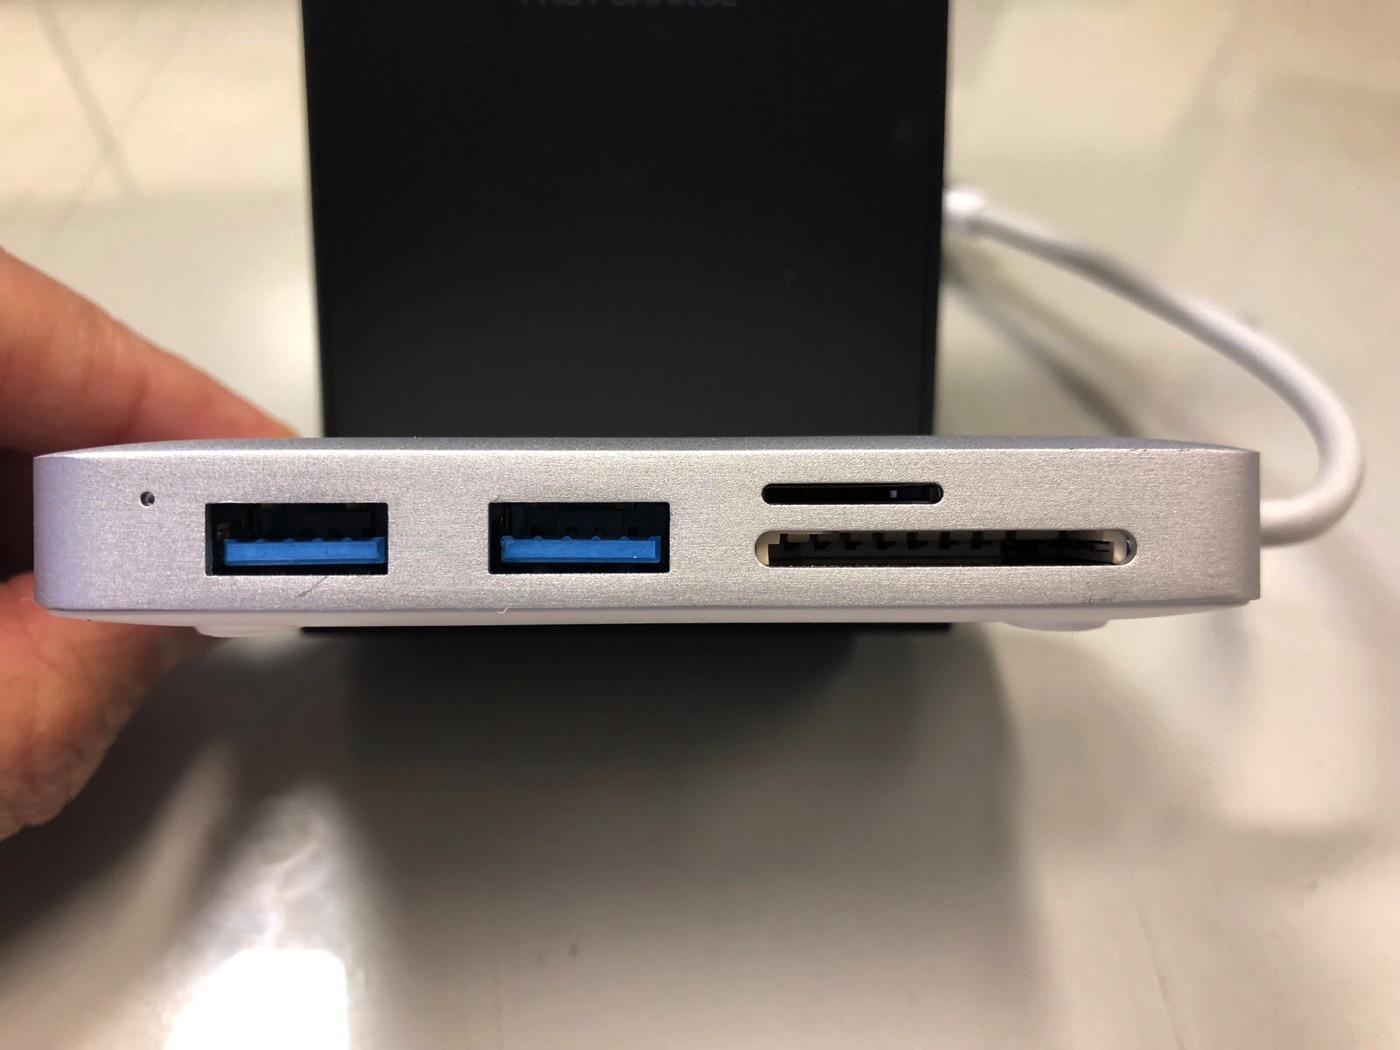 AUKEY USB C ハブ 7 in 1 マルチハブ-6